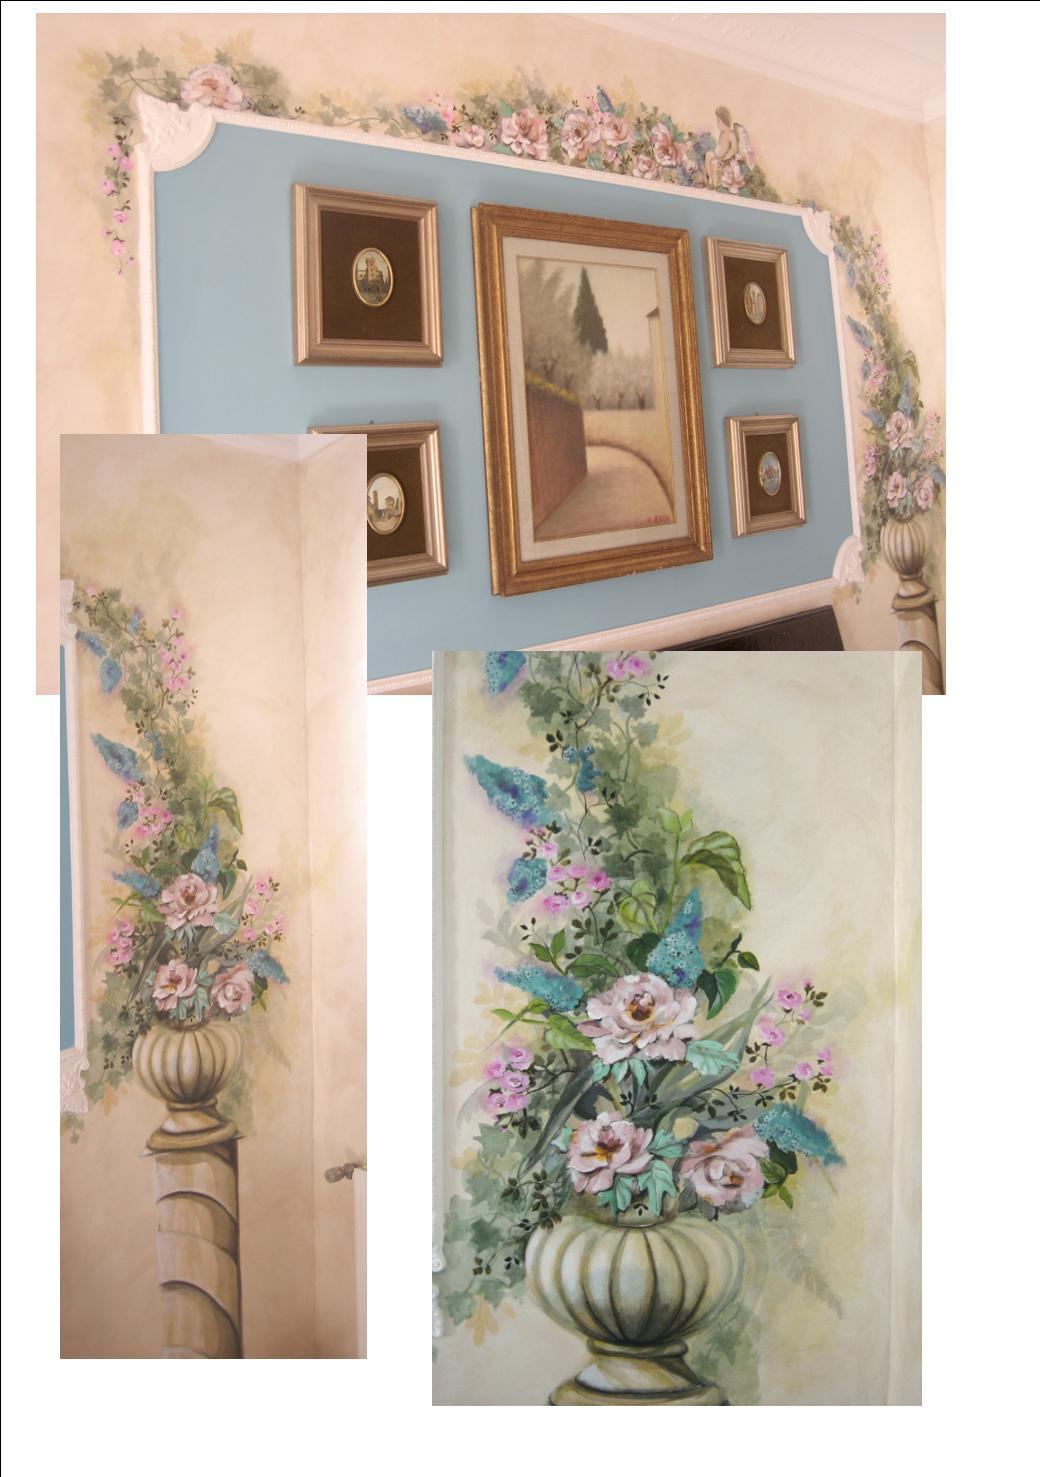 Murgiamirella decorazioni pittura castel madama decorazioni su pareti - Decorazioni su pareti ...